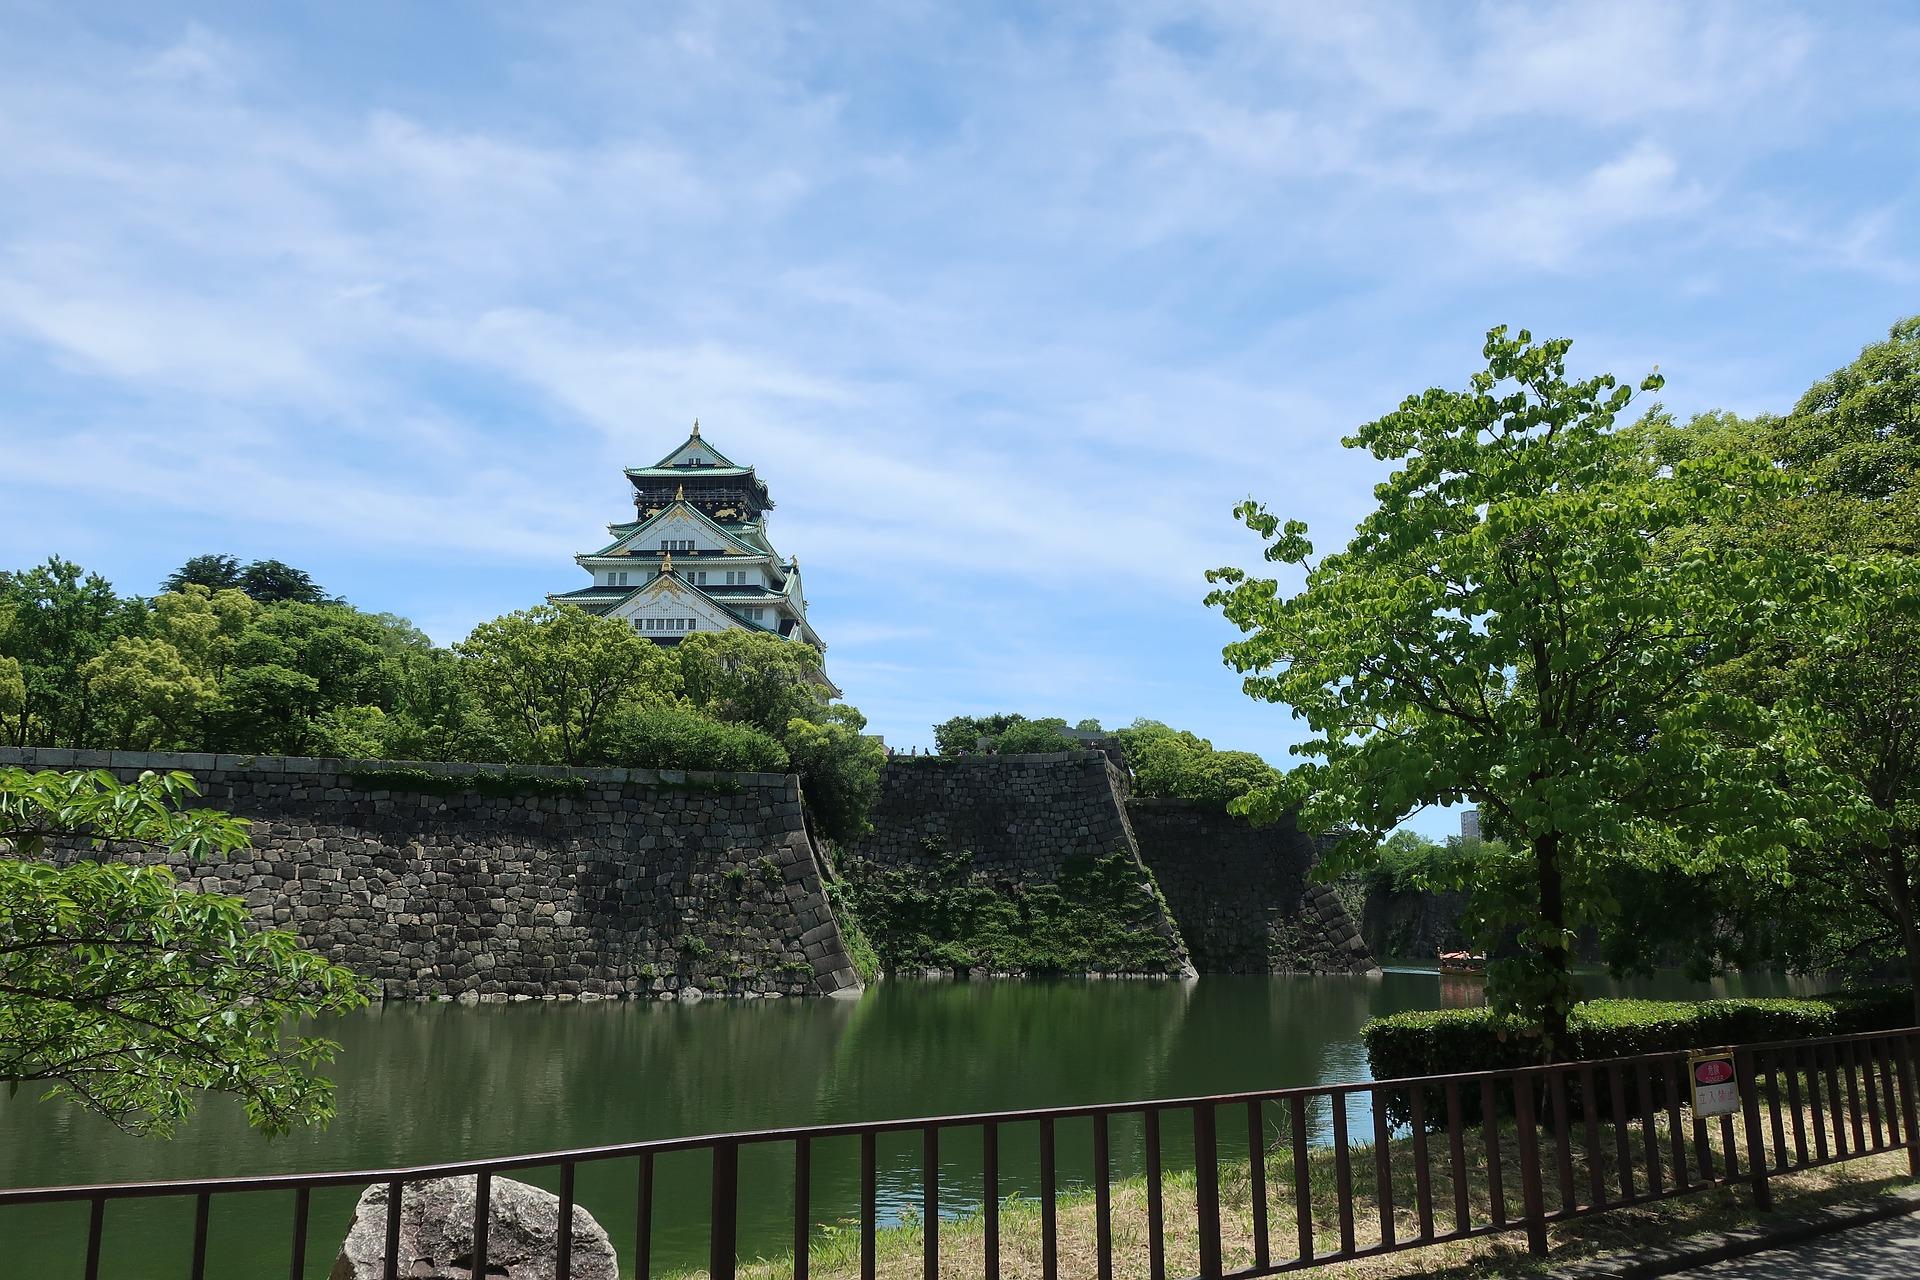 Bist du bereit für deine Reise in die Region Kansai